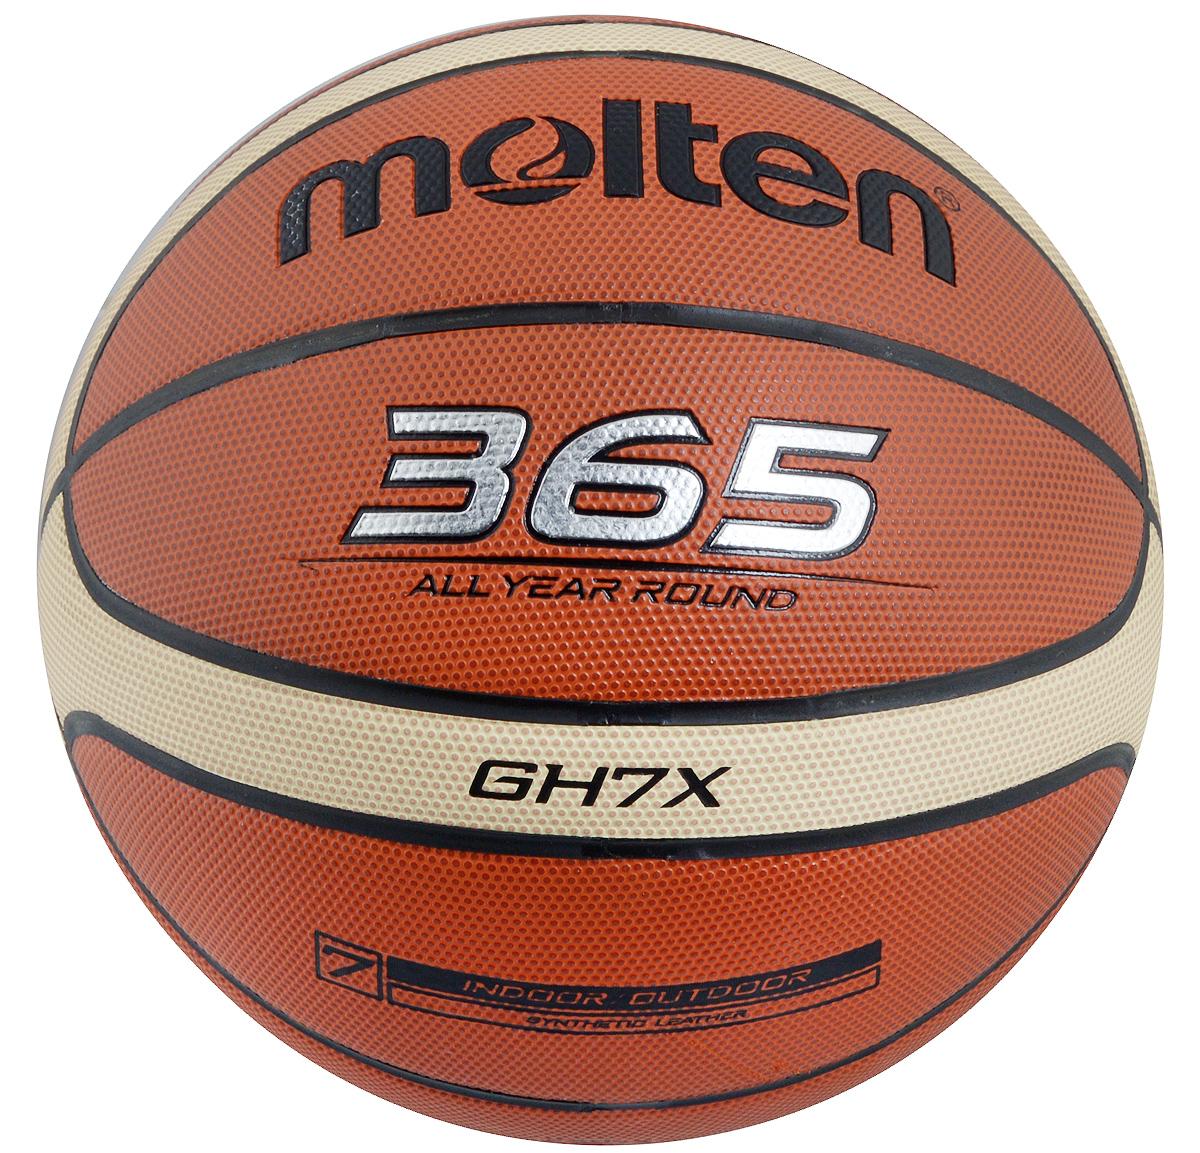 Мяч баскетбольный Molten, цвет: терракотовый, бежевый. Размер 7. BGH7XBGH7XБаскетбольный мяч Molten прекрасно подходит для игр или тренировок в зале и на улице. Покрышка из синтетической кожи (поливинилхлорид). Шероховатая поверхность служит для оптимального контроля мяча при его подборе и в других игровых ситуациях. Увеличенная износостойкость. 12-панельный дизайн.